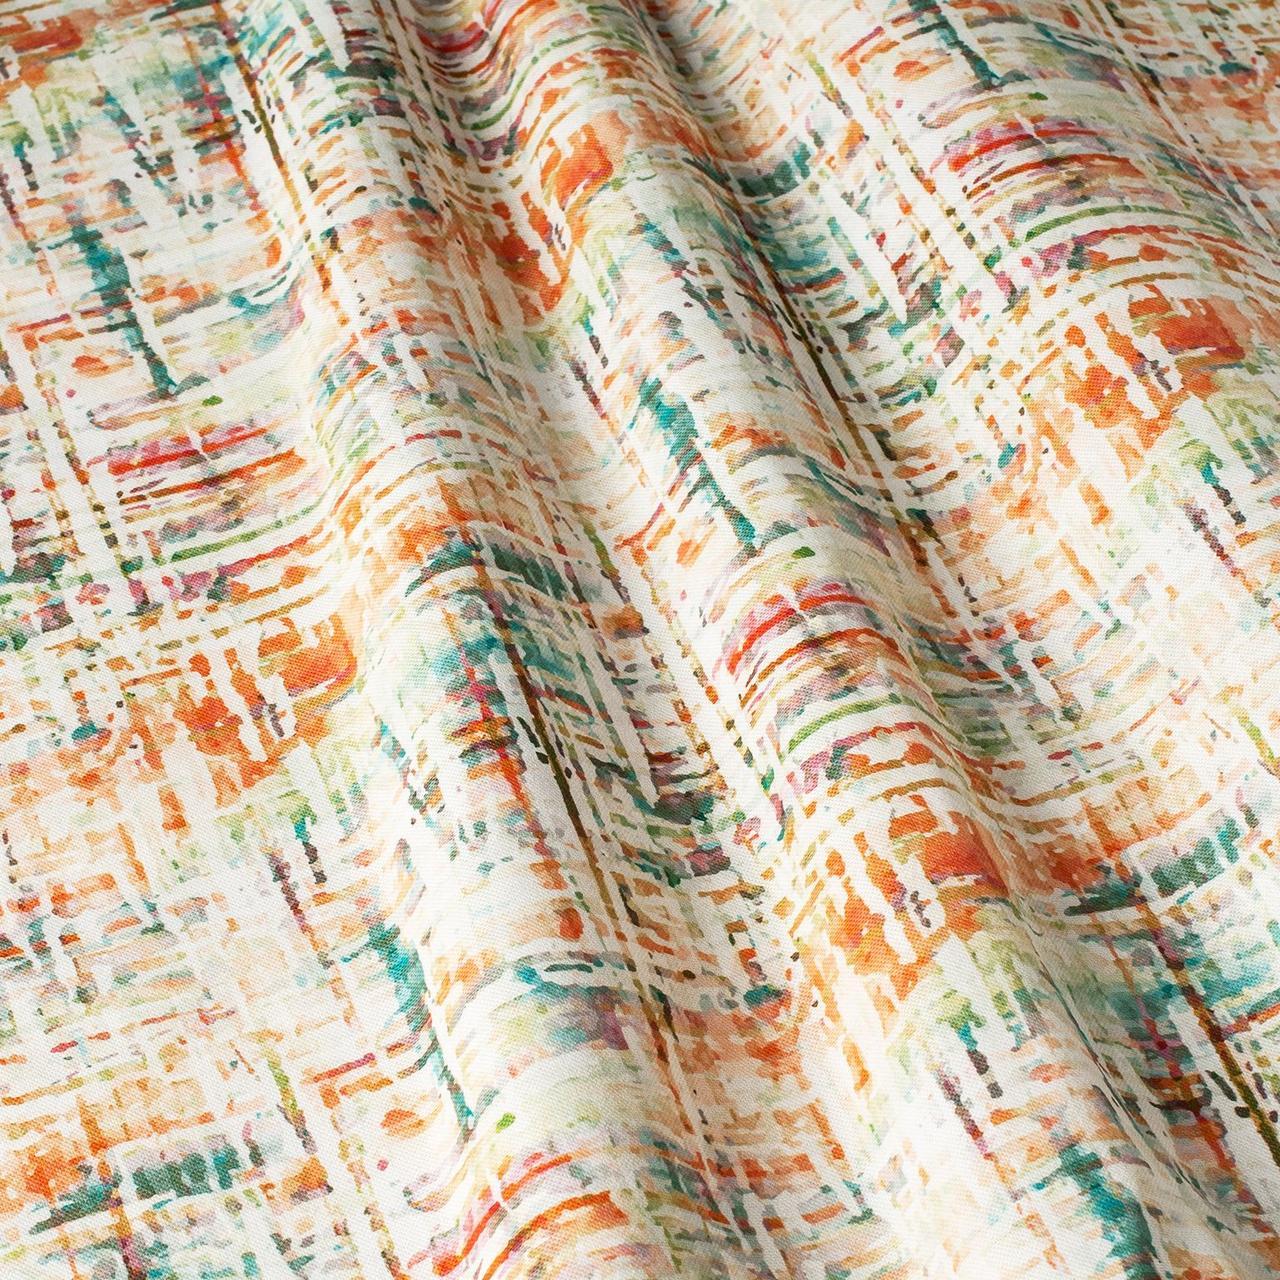 Декоративна тканина помаранчеві і блакитні смуги на білому тлі Іспанія 87881v8